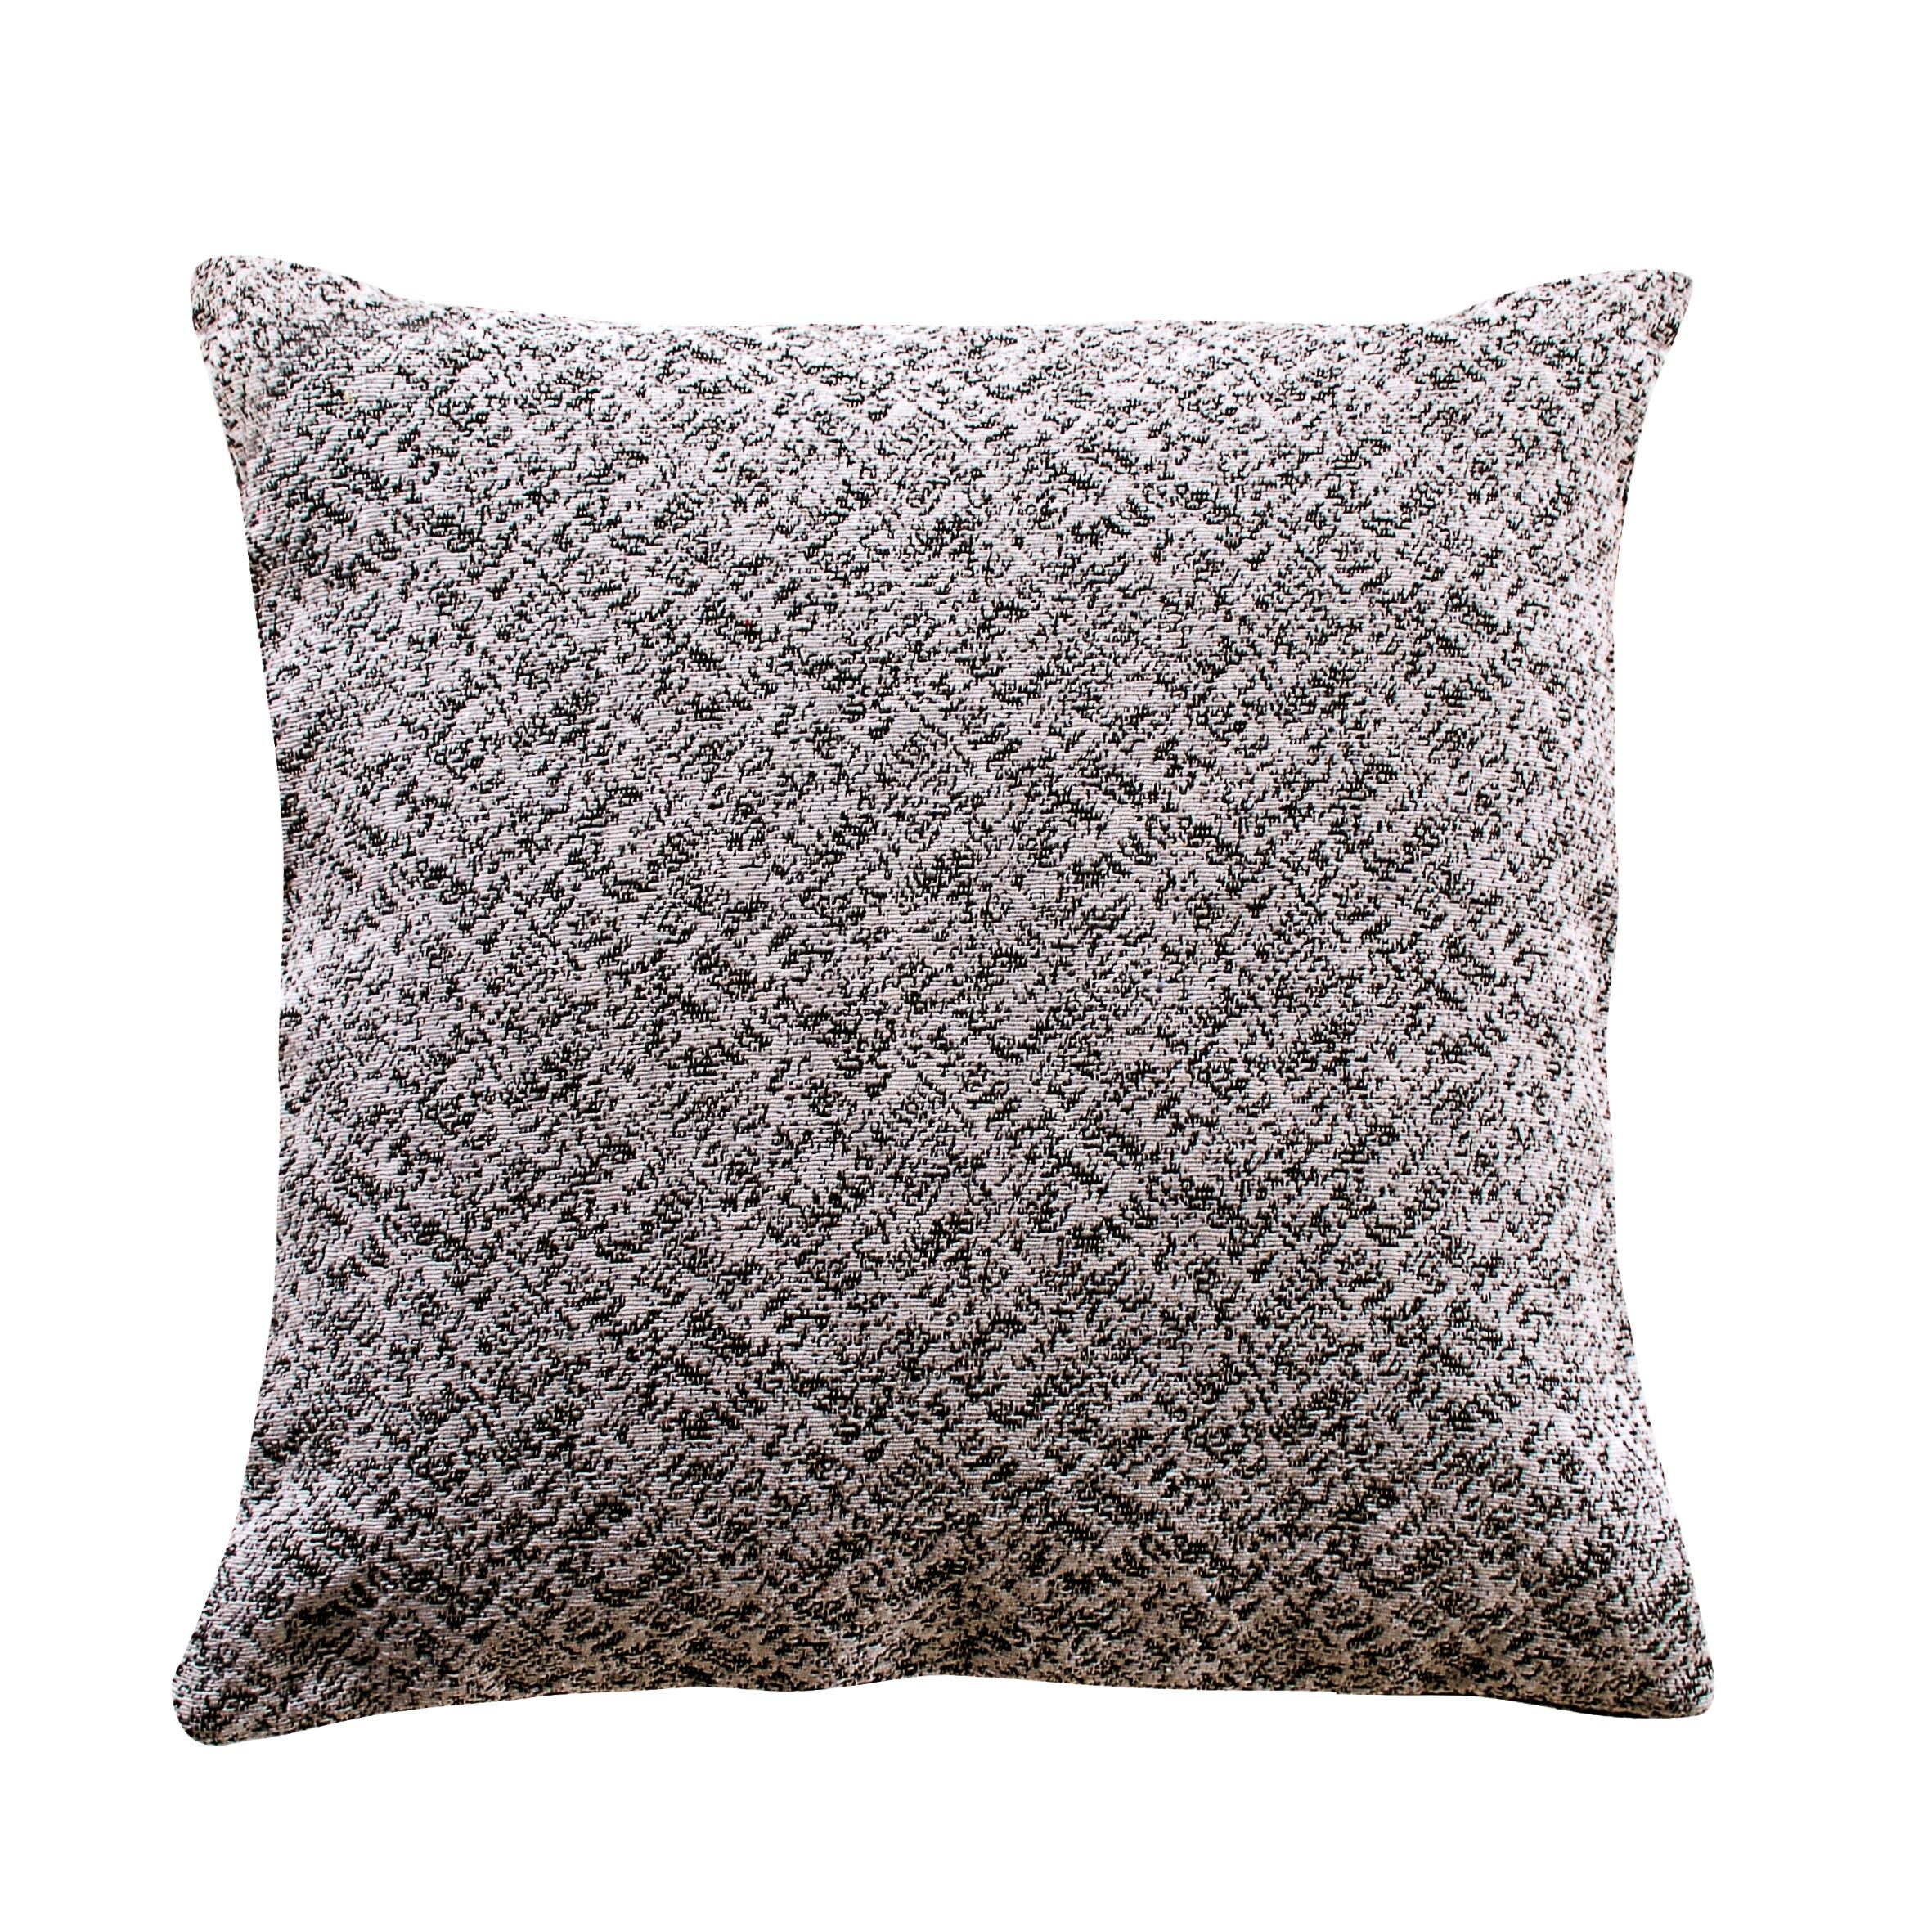 Μαξιλαροθήκη SIBA 04, RYTHMOS HOME σαλονι   διακοσμητικά mαξιλάρια